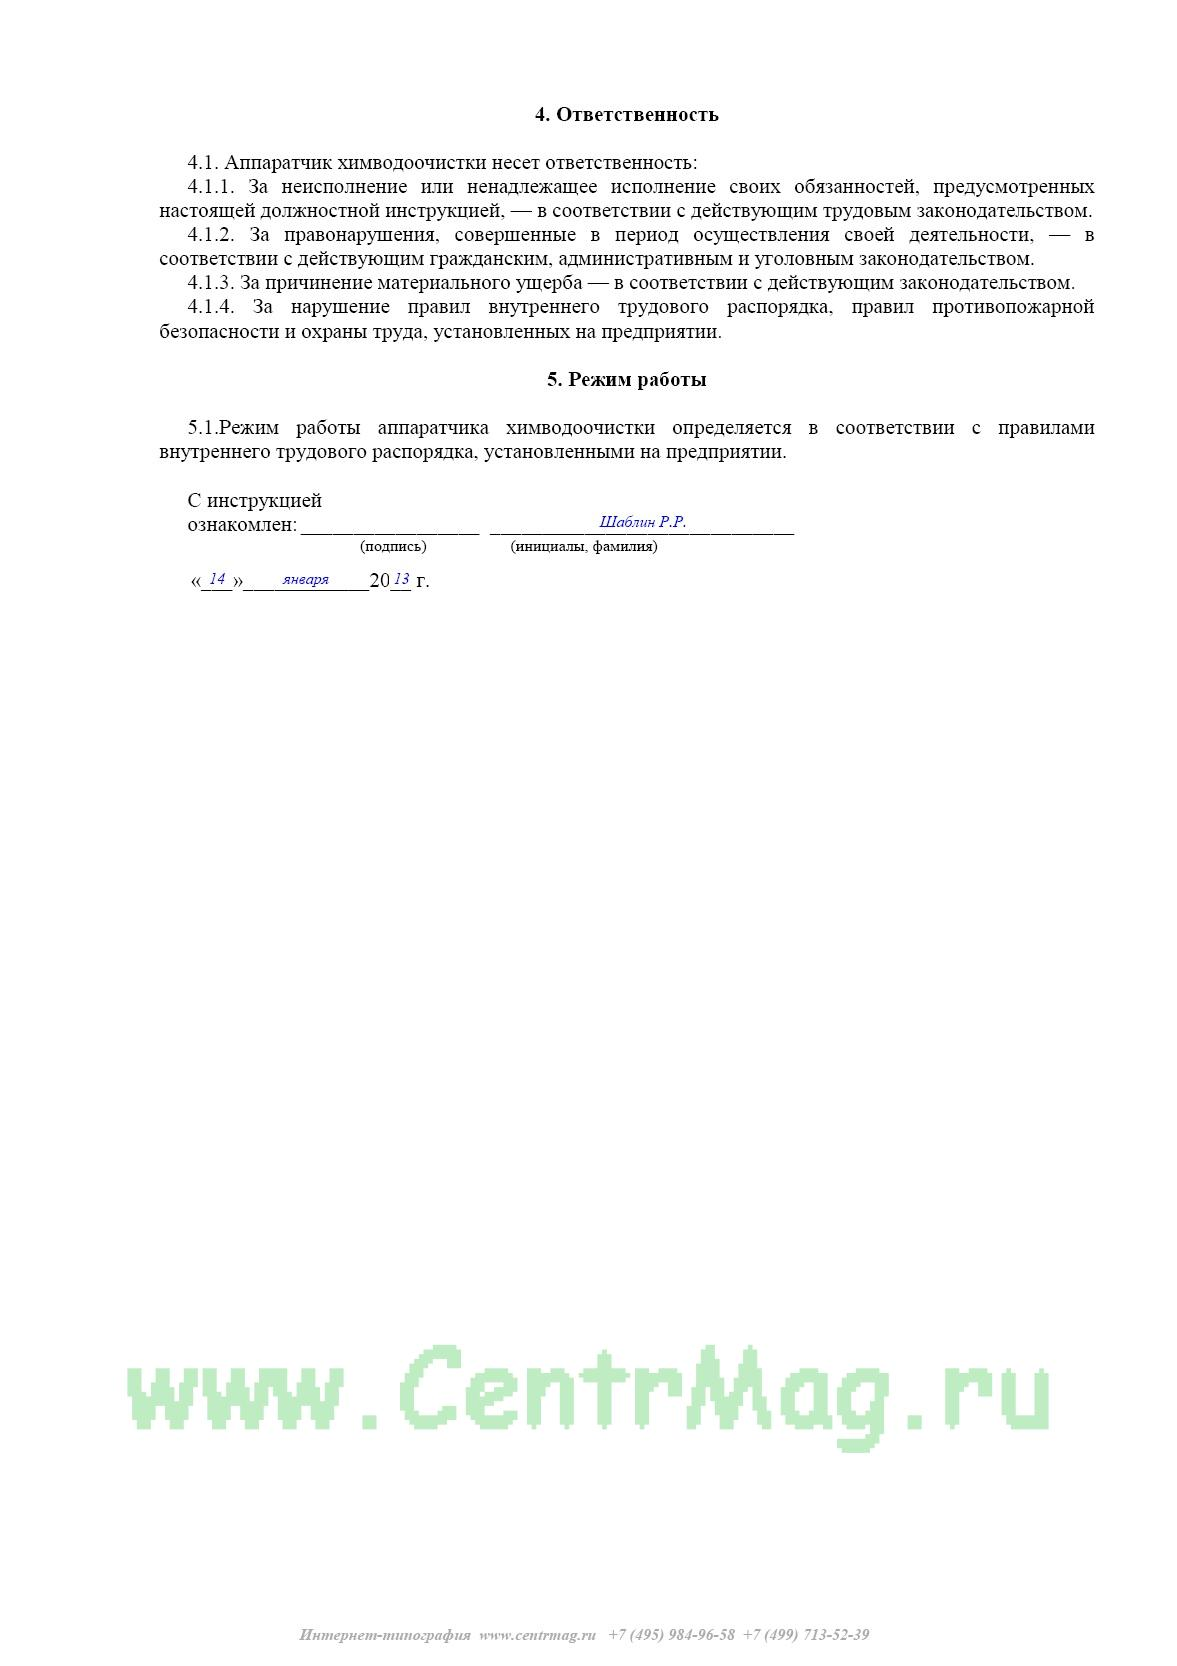 Должностная инструкция оператора химводоочистки